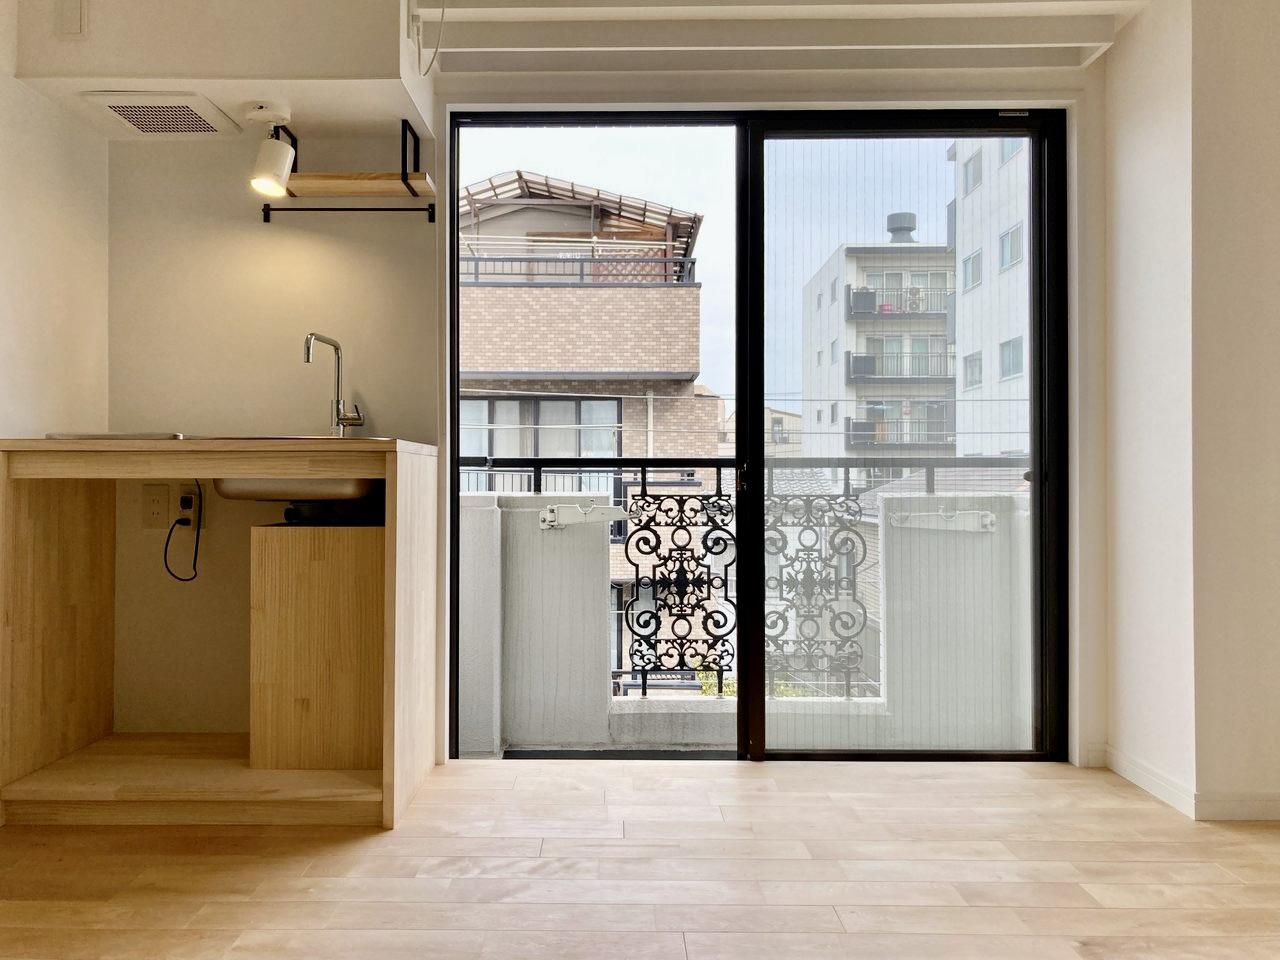 窓の横にキッチン。ブラケット棚・ポール付きなので調理器具をスッキリ収納できますよ。